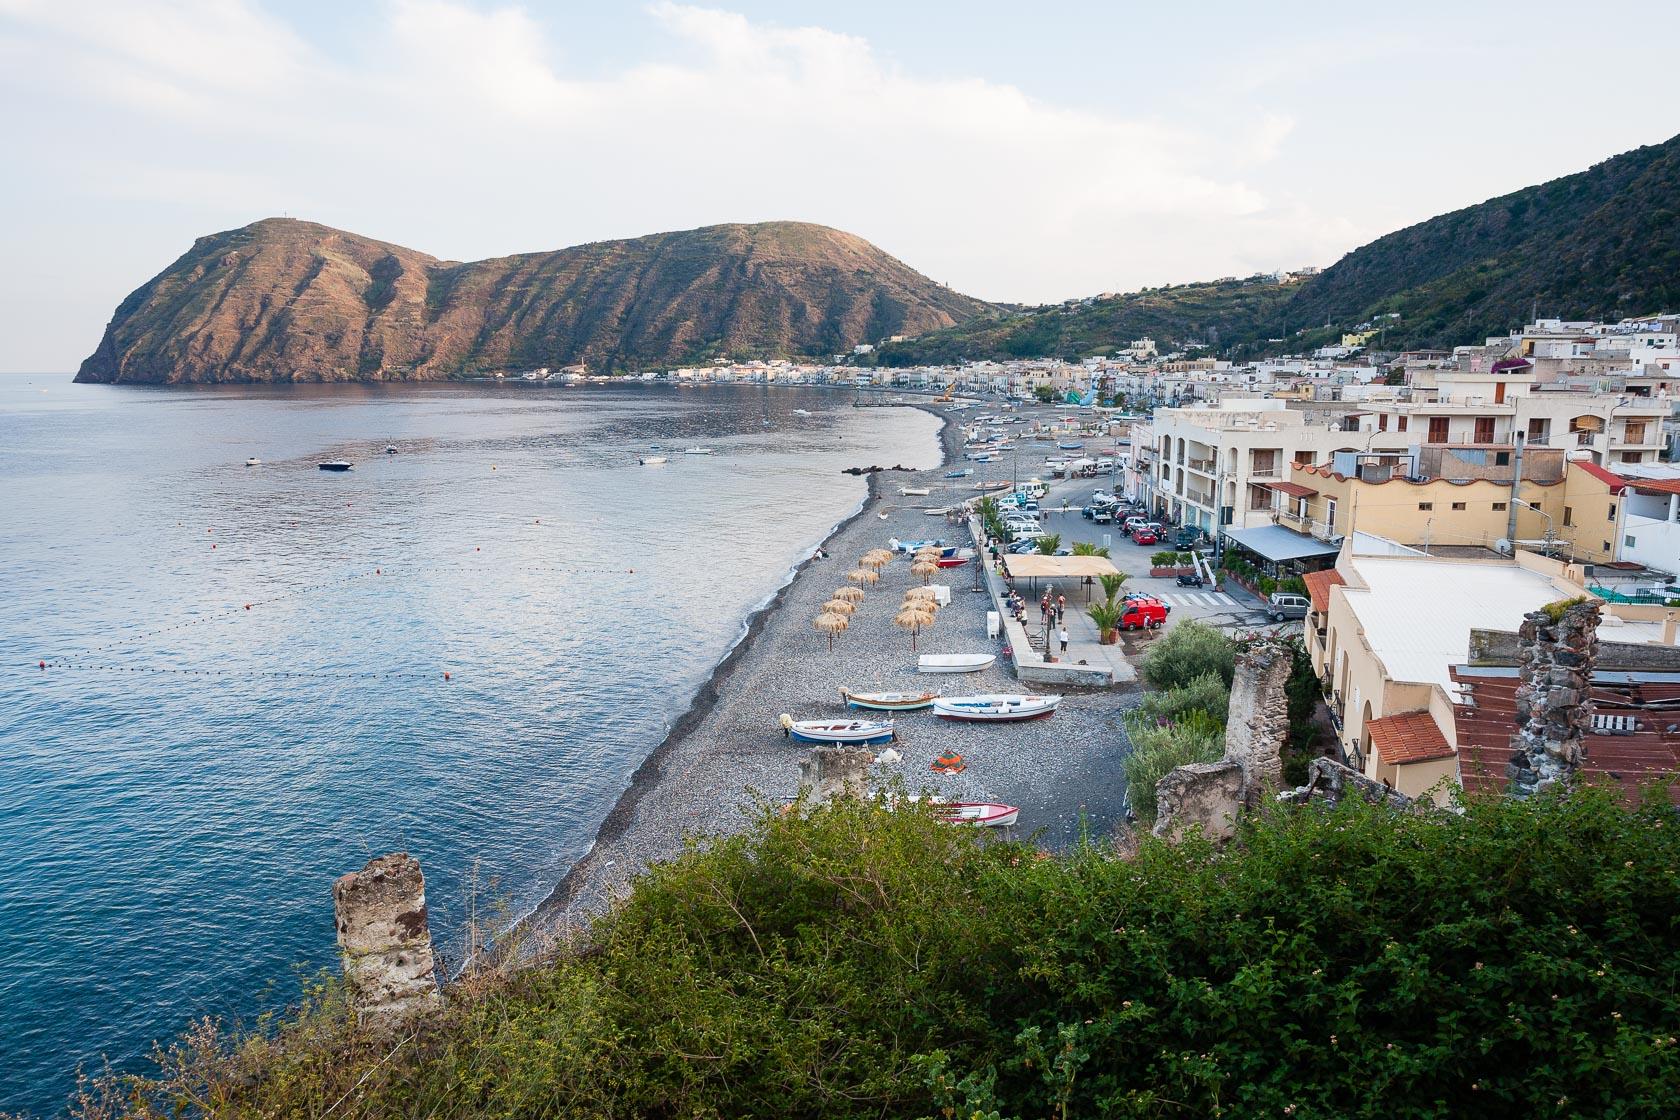 la baie de Canneto sur l'île de Lipari dans l'archipel des éoliennes